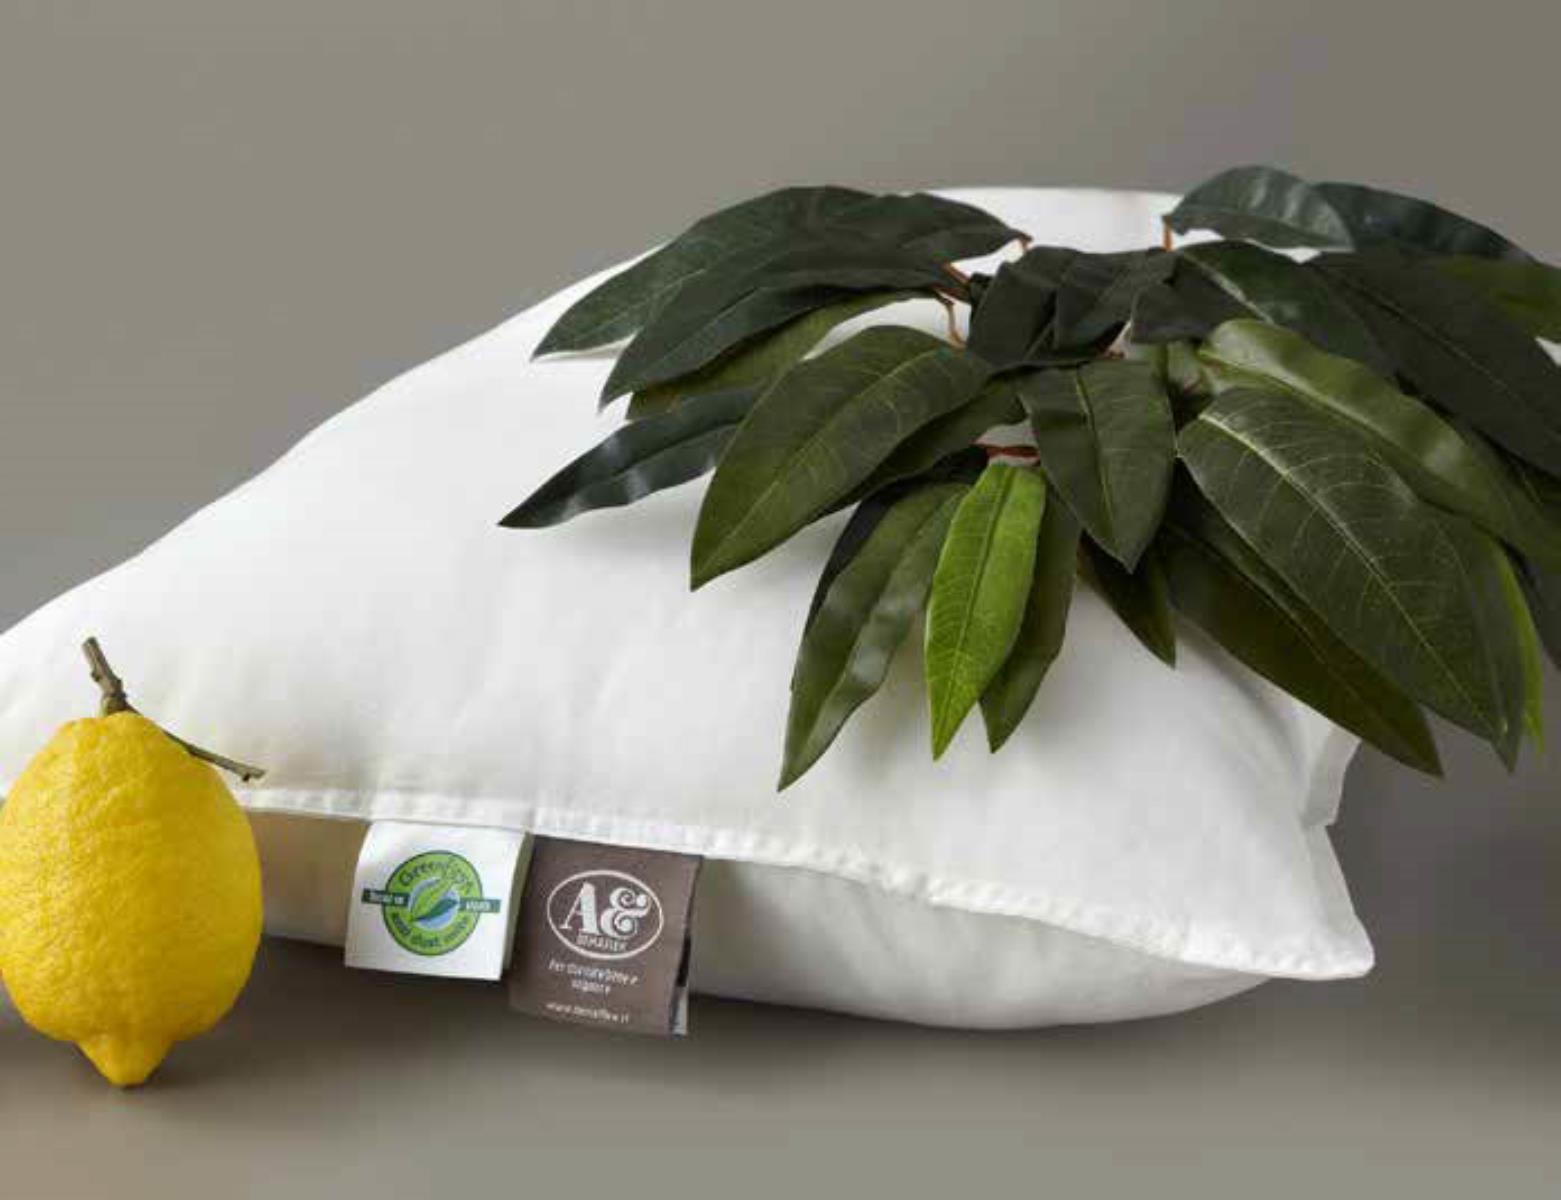 Demaflex Cuscini.Guanciale Greenfirst Antiacaro Demaflex